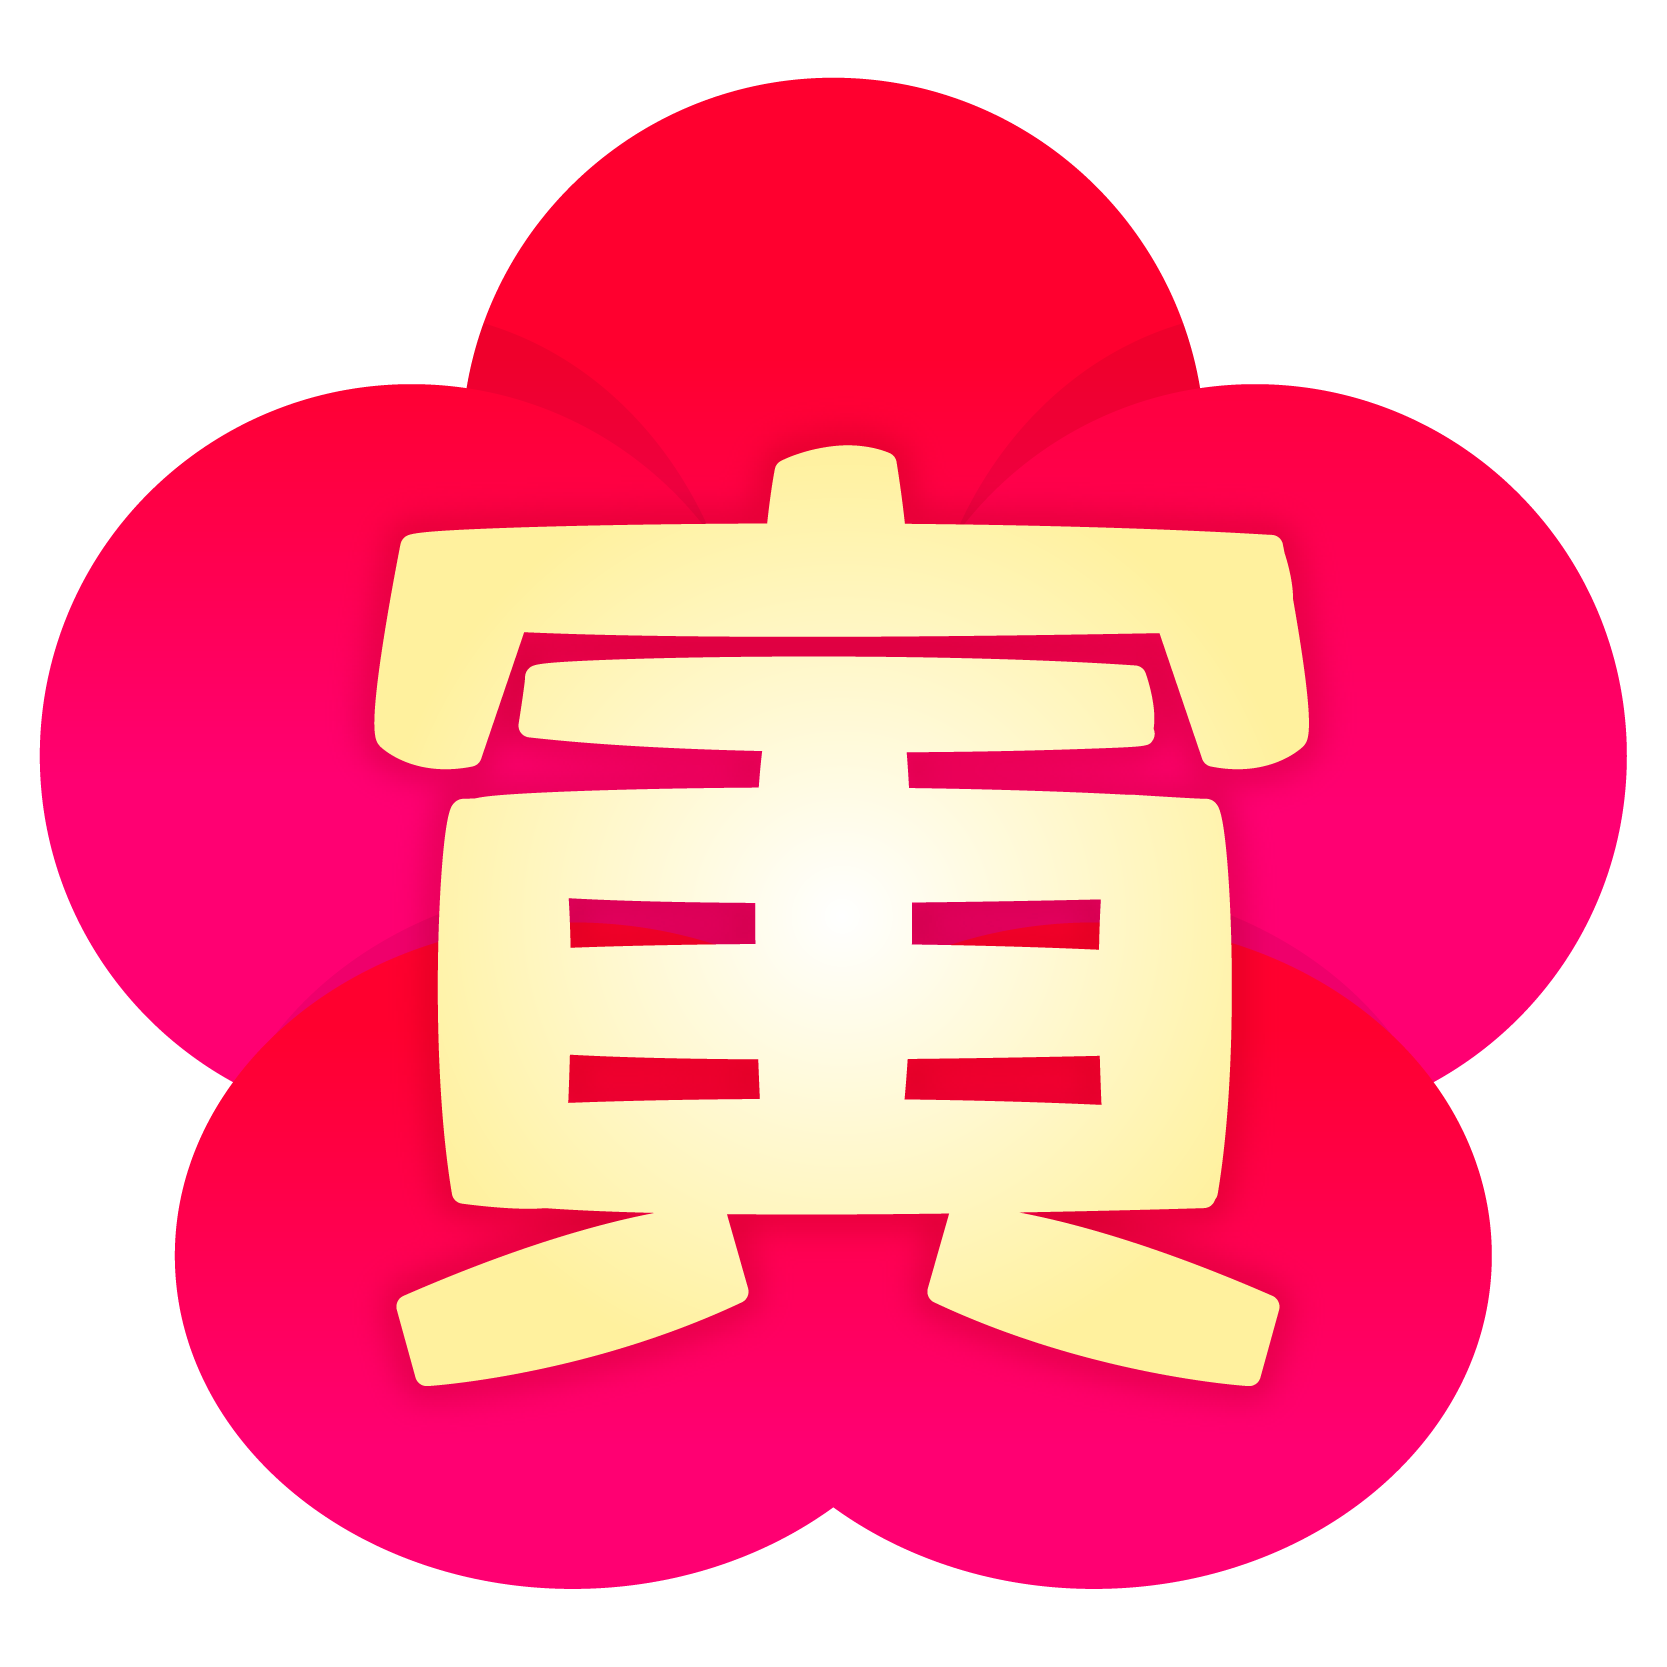 商用フリー・無料イラスト_梅_干支文字_寅(とら)_tora01